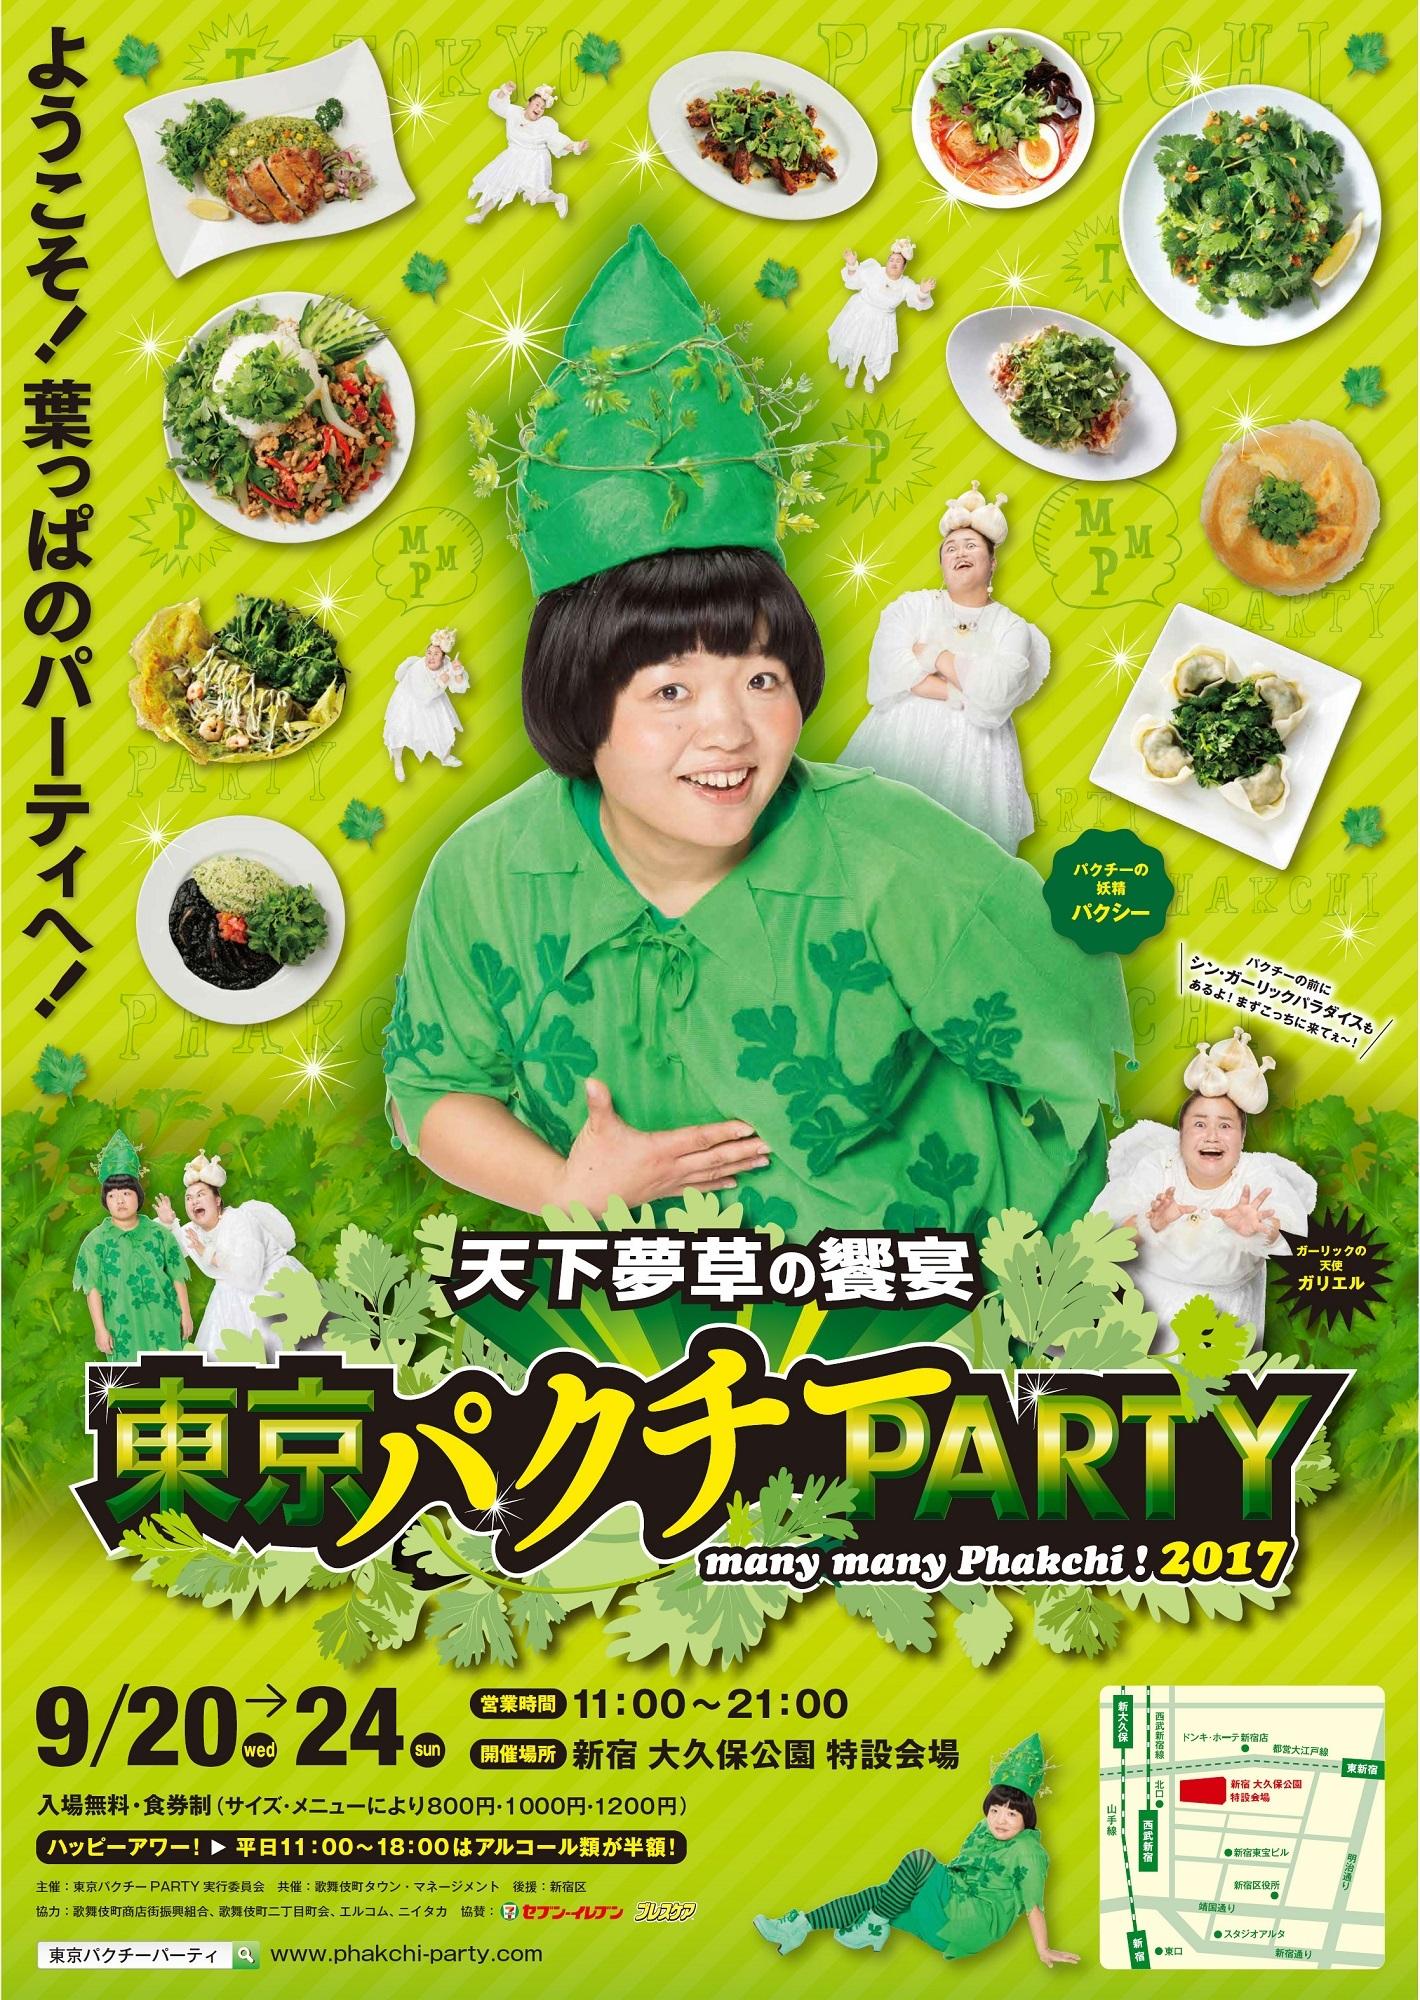 天下夢草の饗宴 東京パクチーPARTY 2017